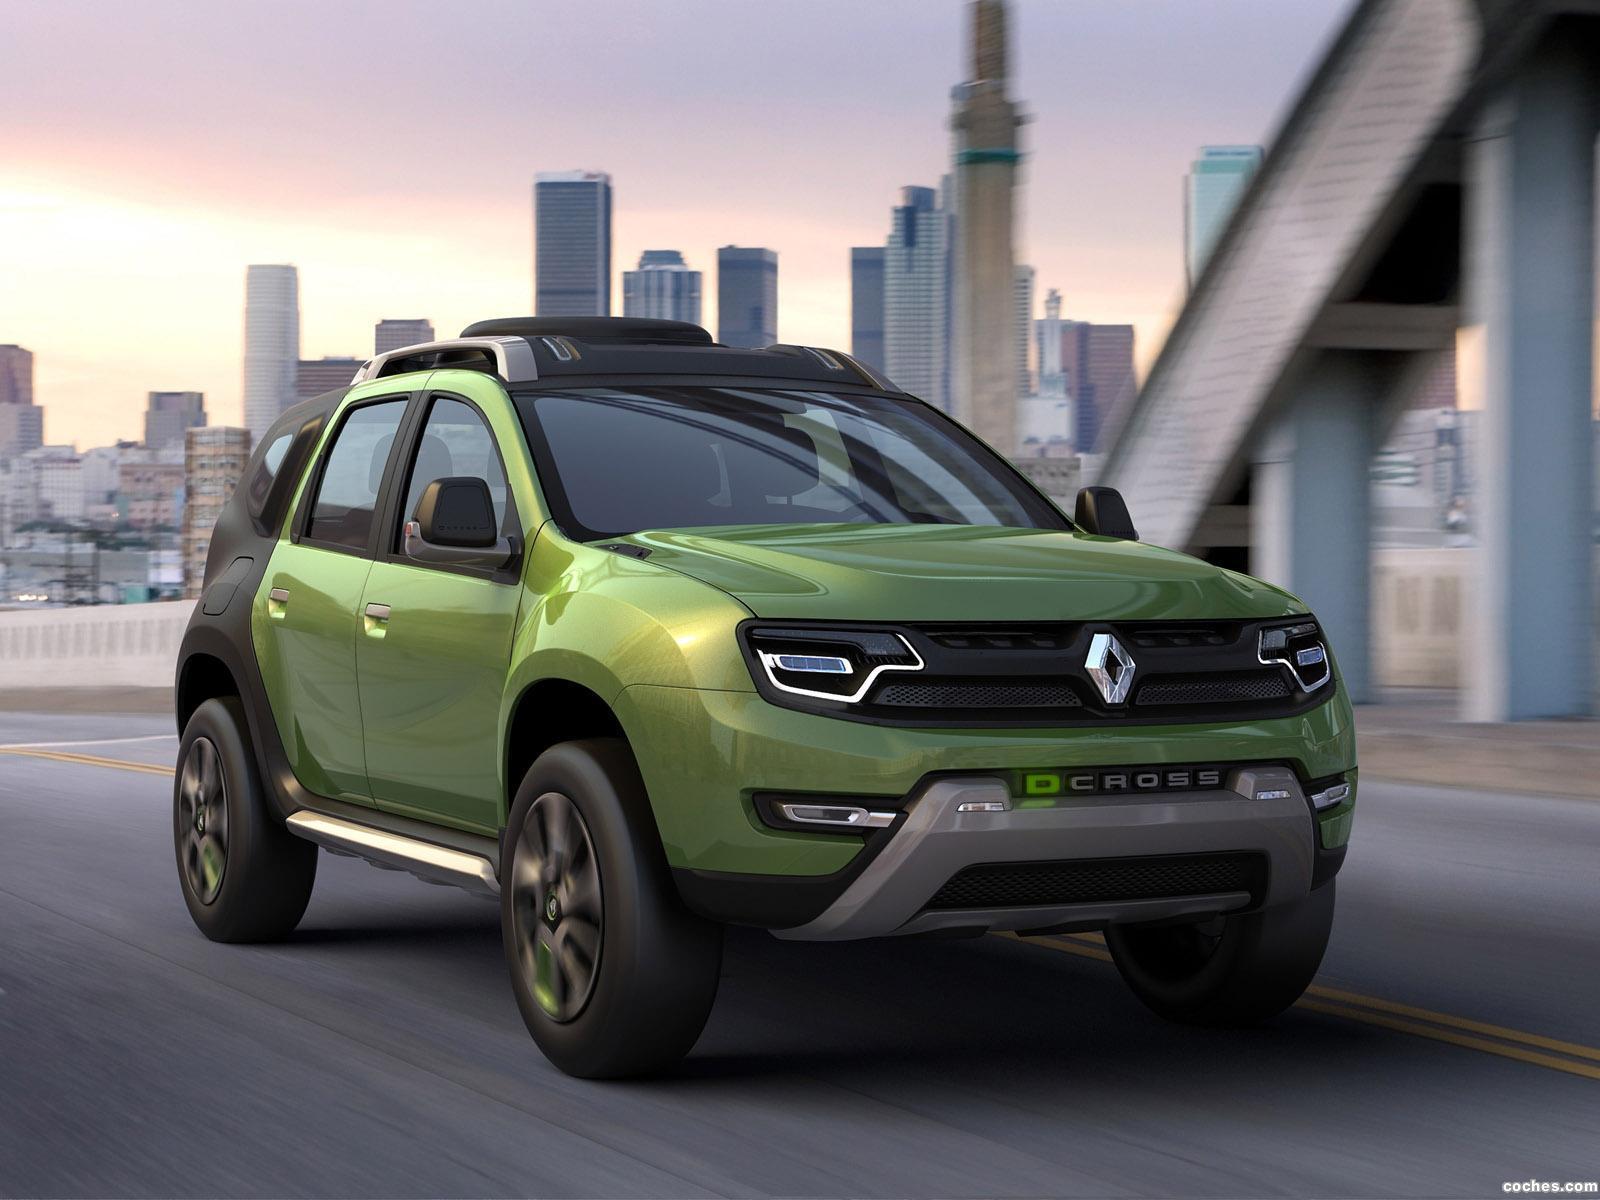 Foto 0 de Renault DCross Concept 2012